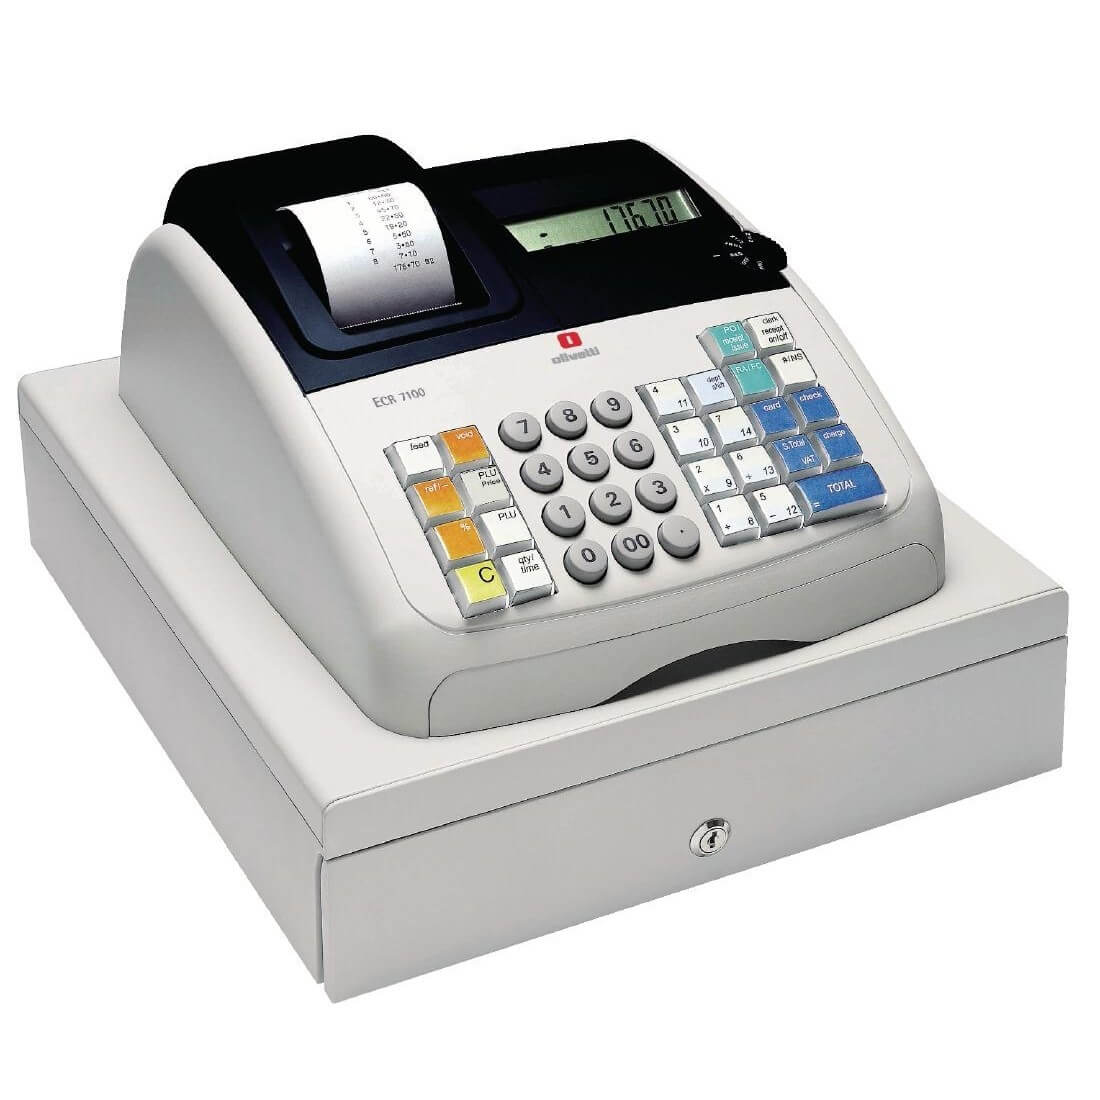 Quels sont les atouts de la caisse enregistreuse?